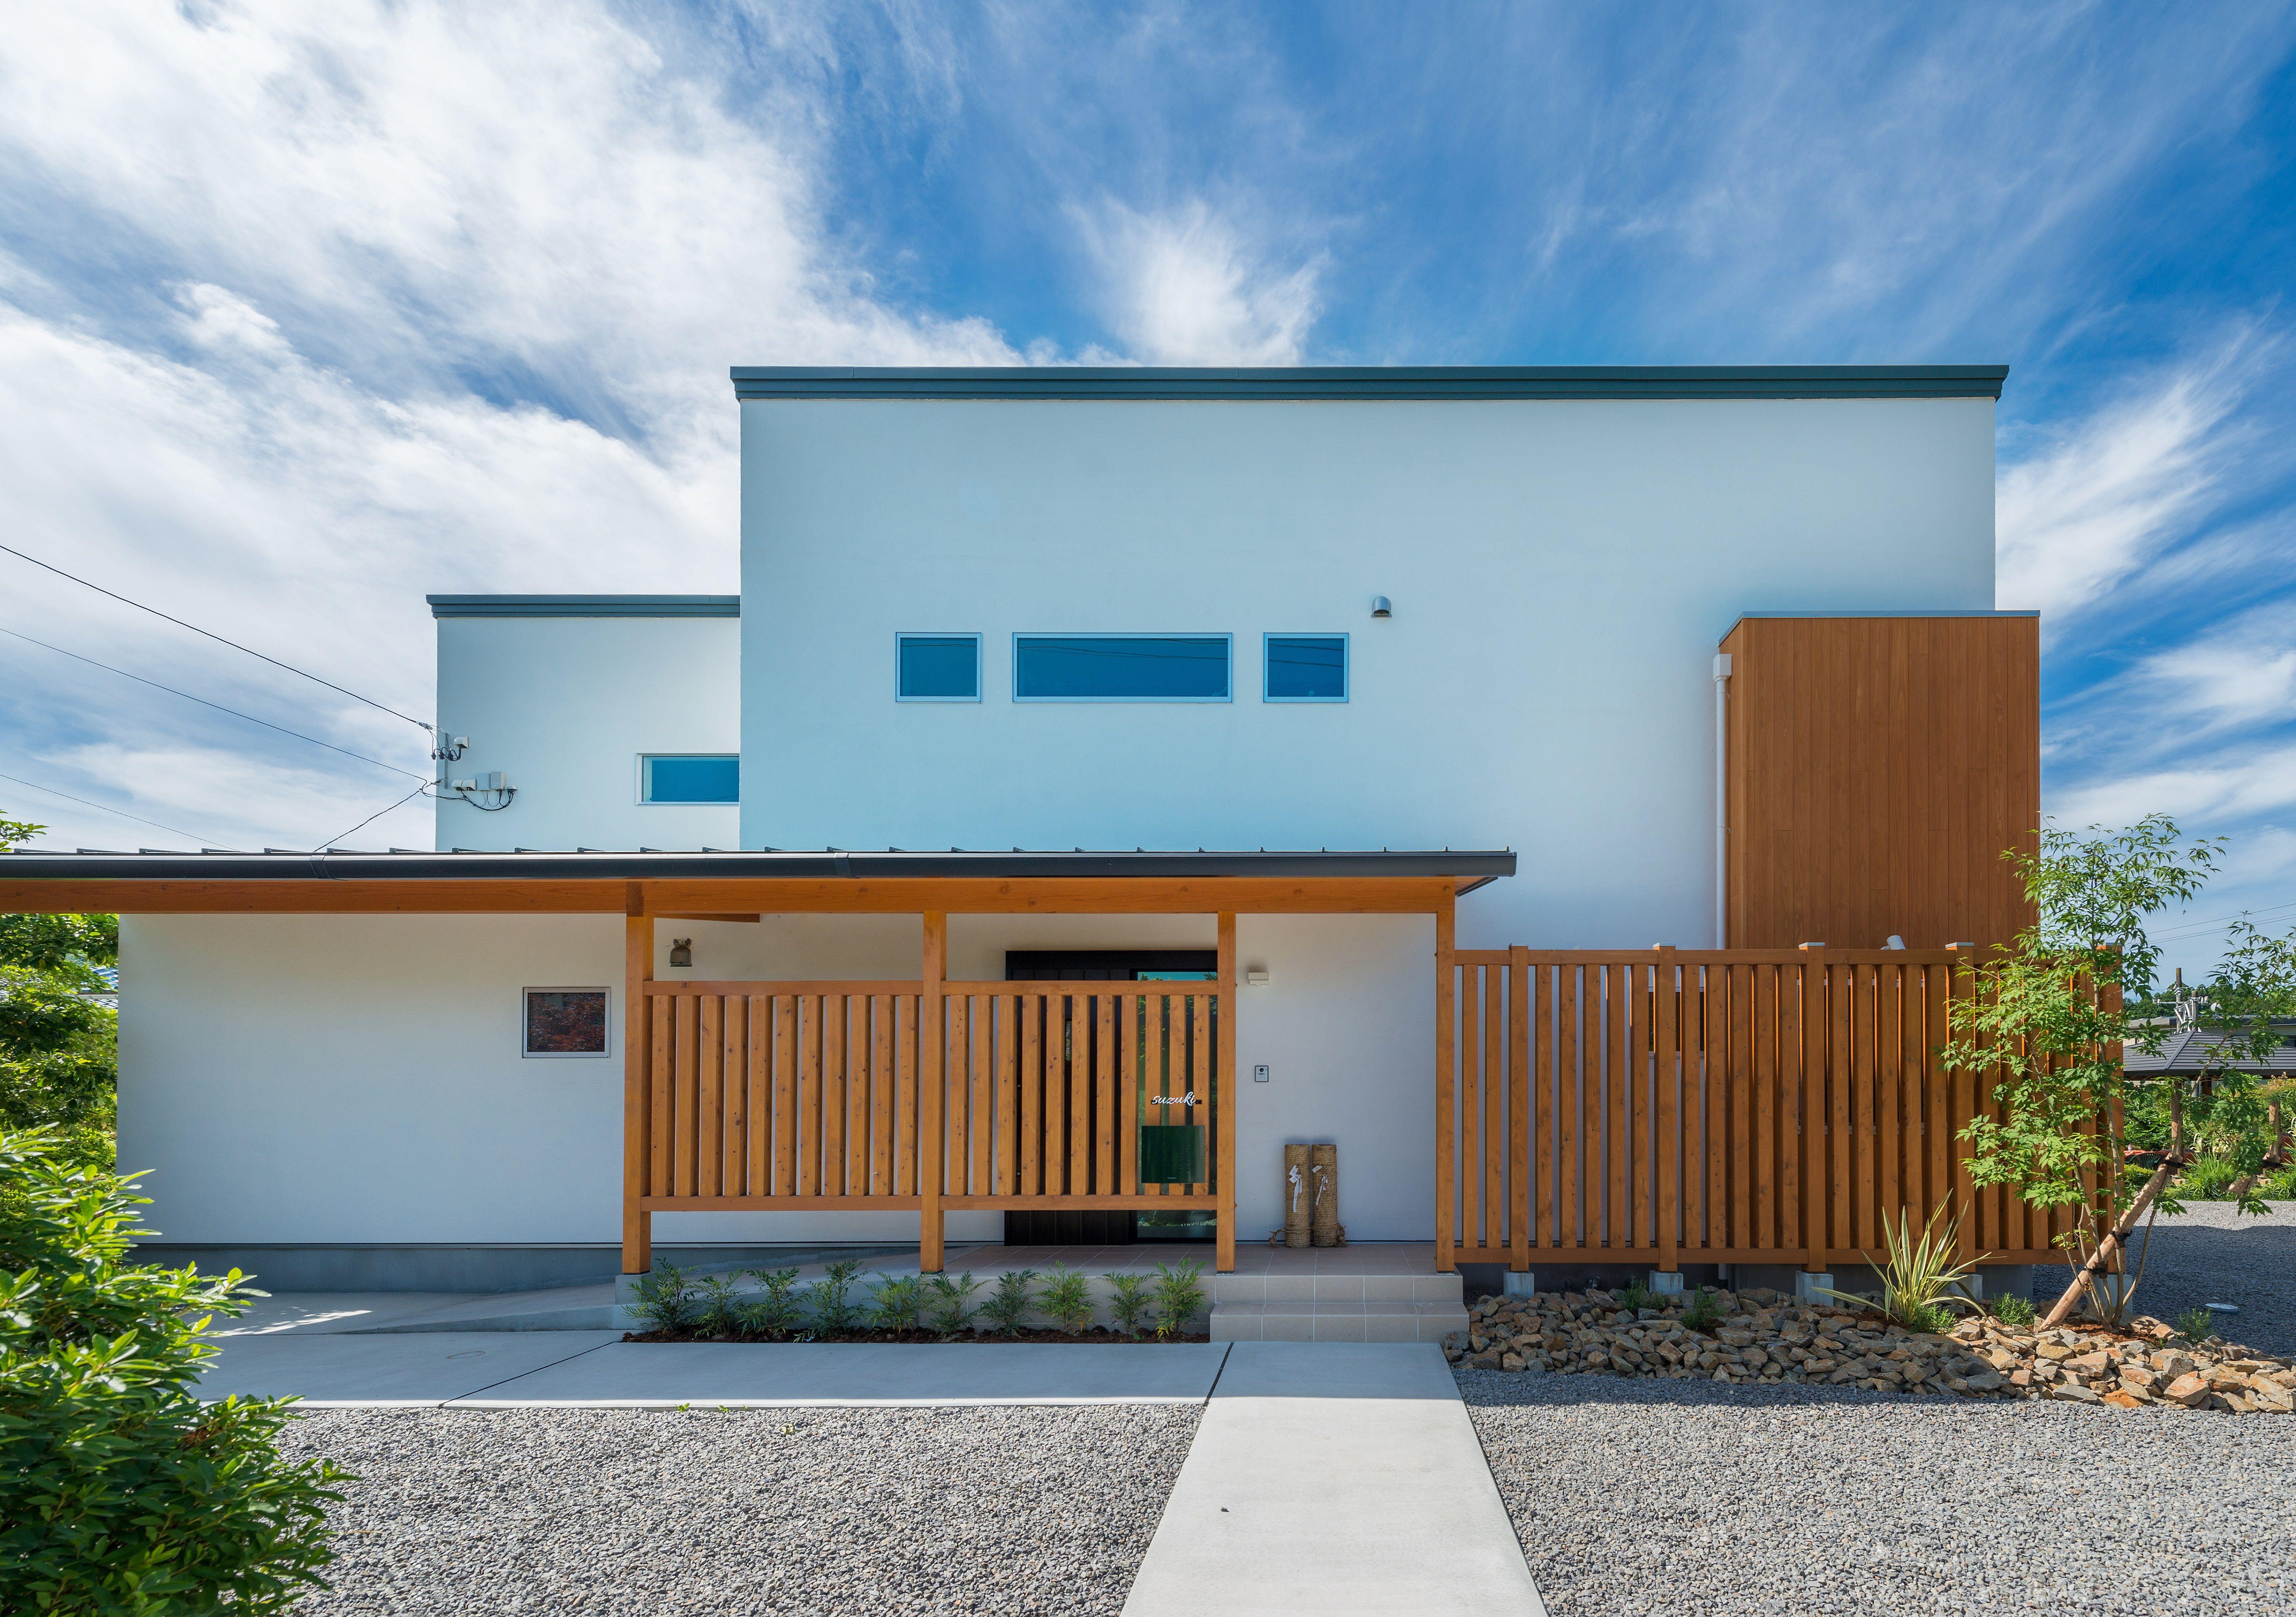 木の格子で和を演出する 外観 和風 木の格子 白壁 デザイン住宅